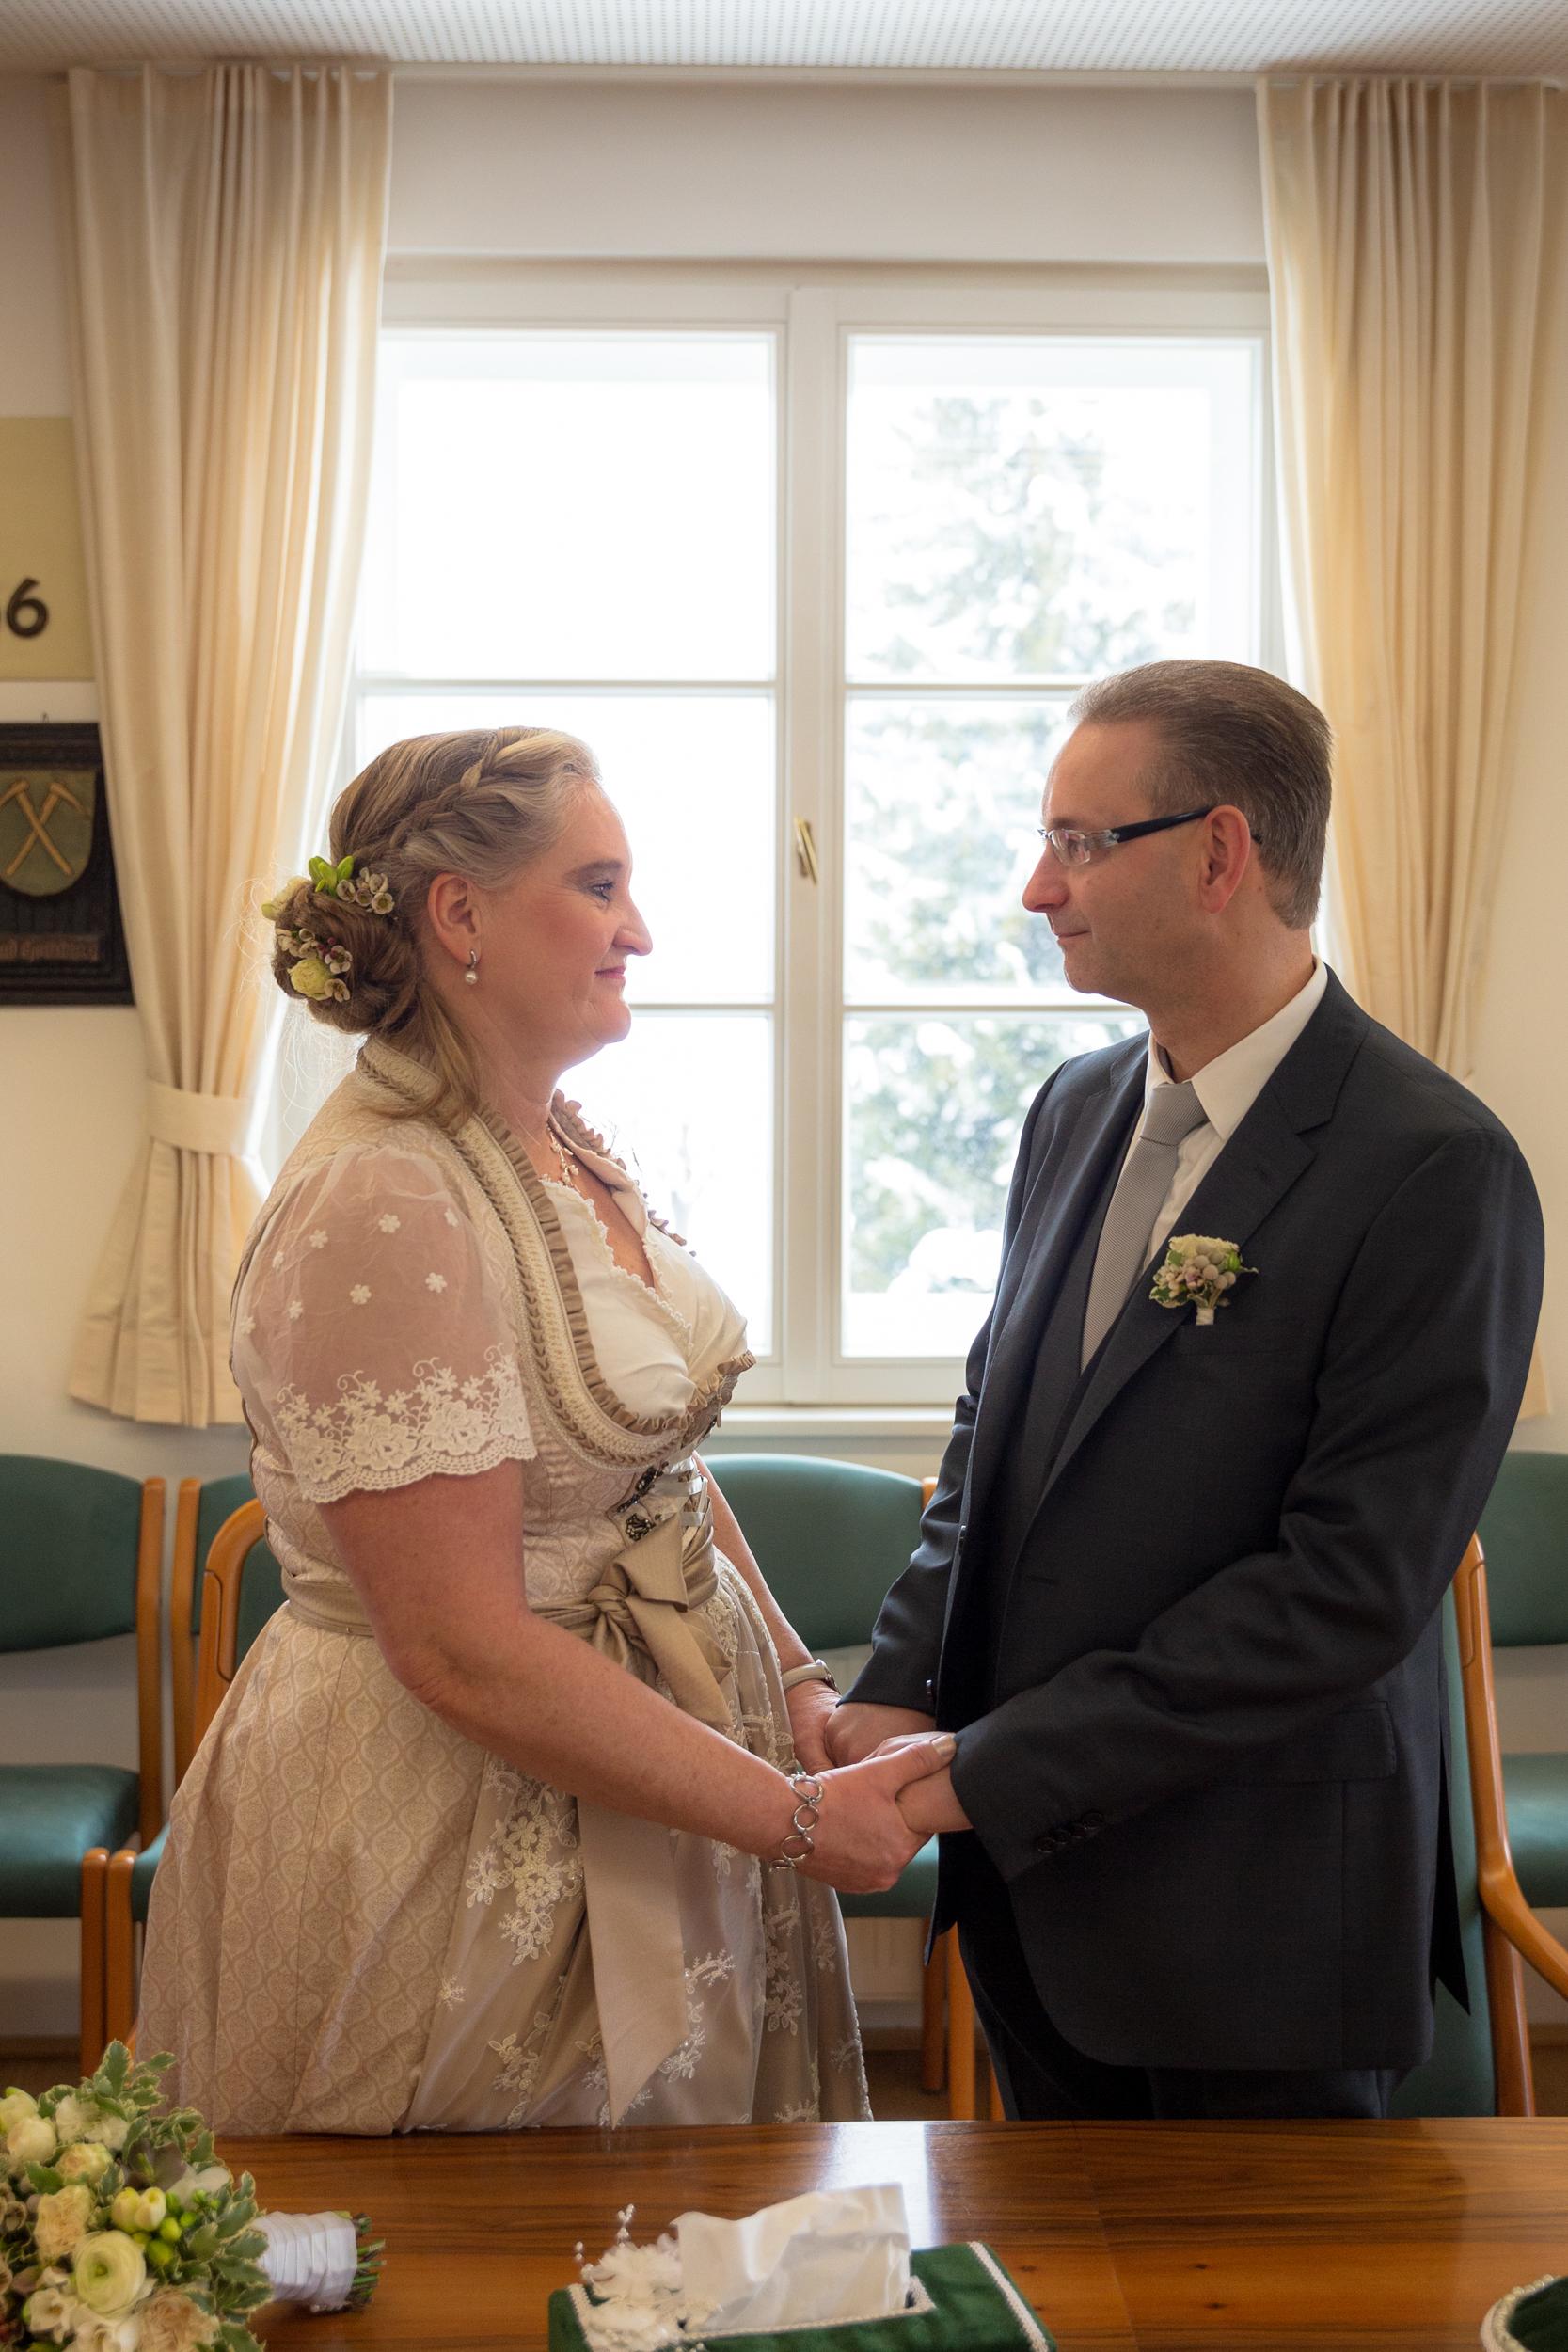 20190212_Hochzeit Koenig_0156.jpg